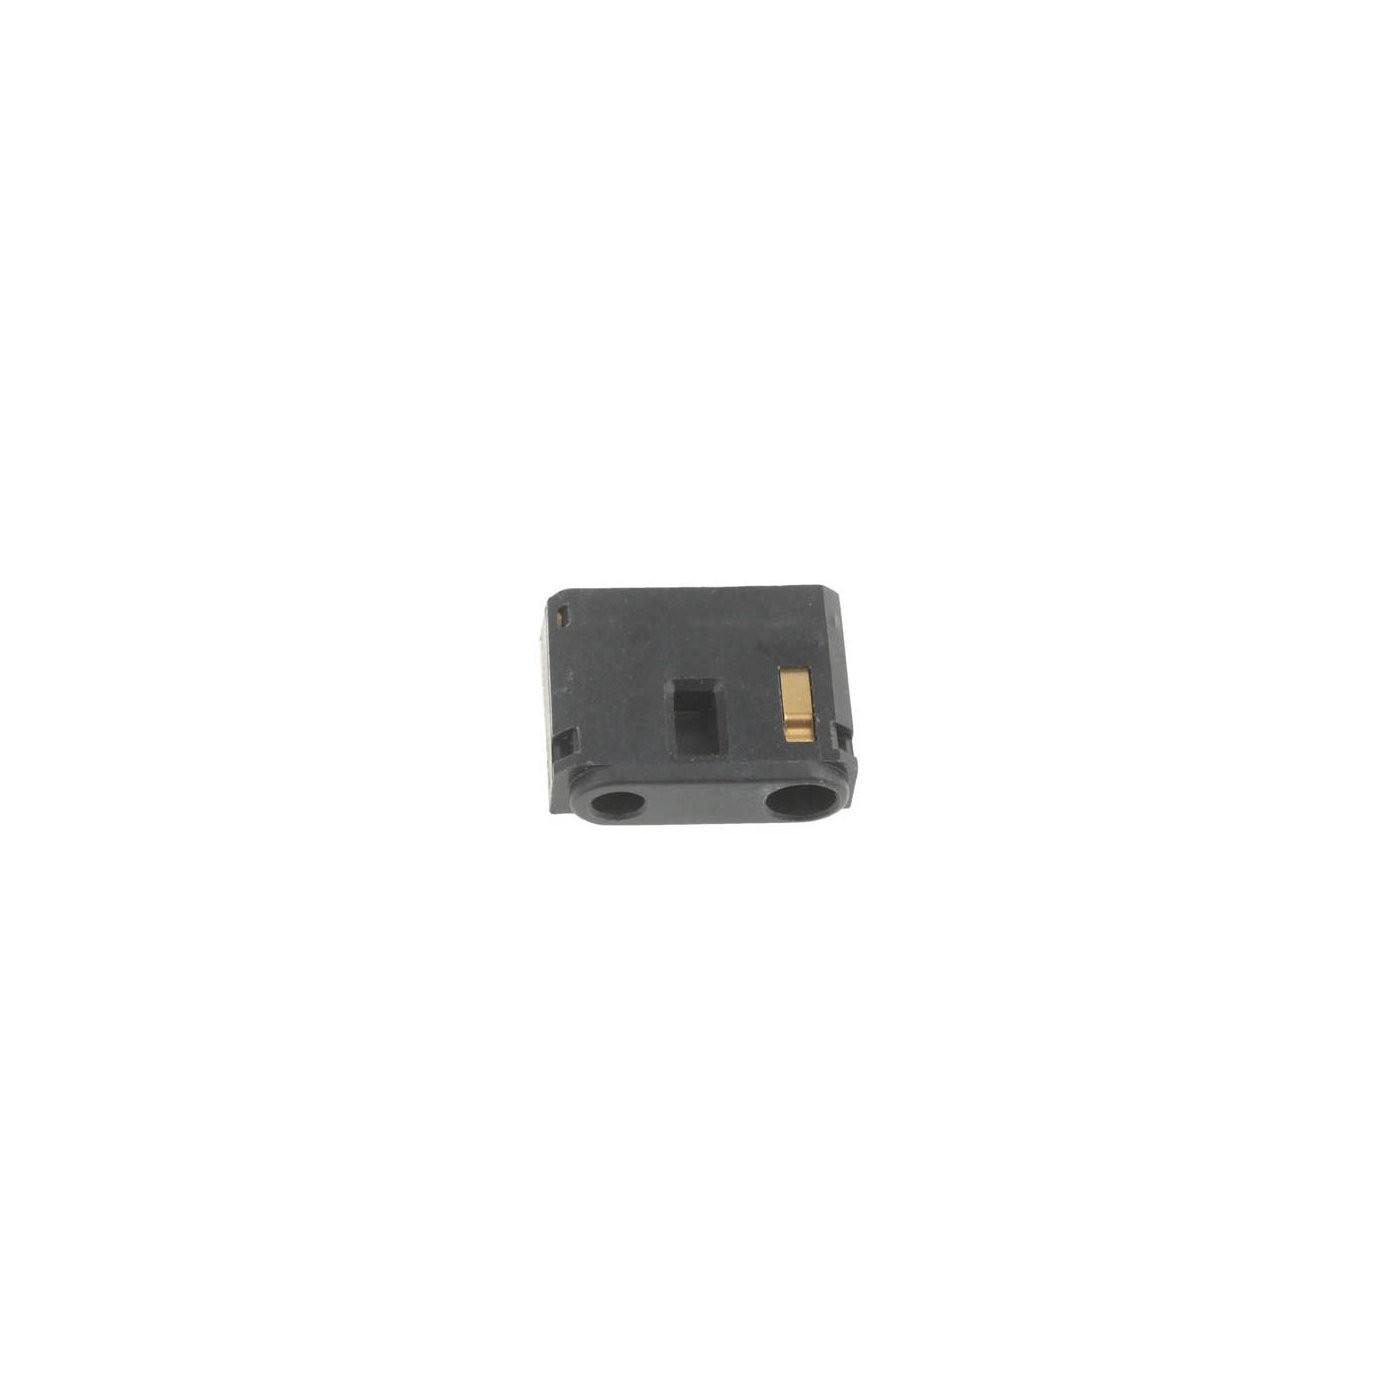 Ladestecker für Nokia 2600 - 2650 Datenladedock